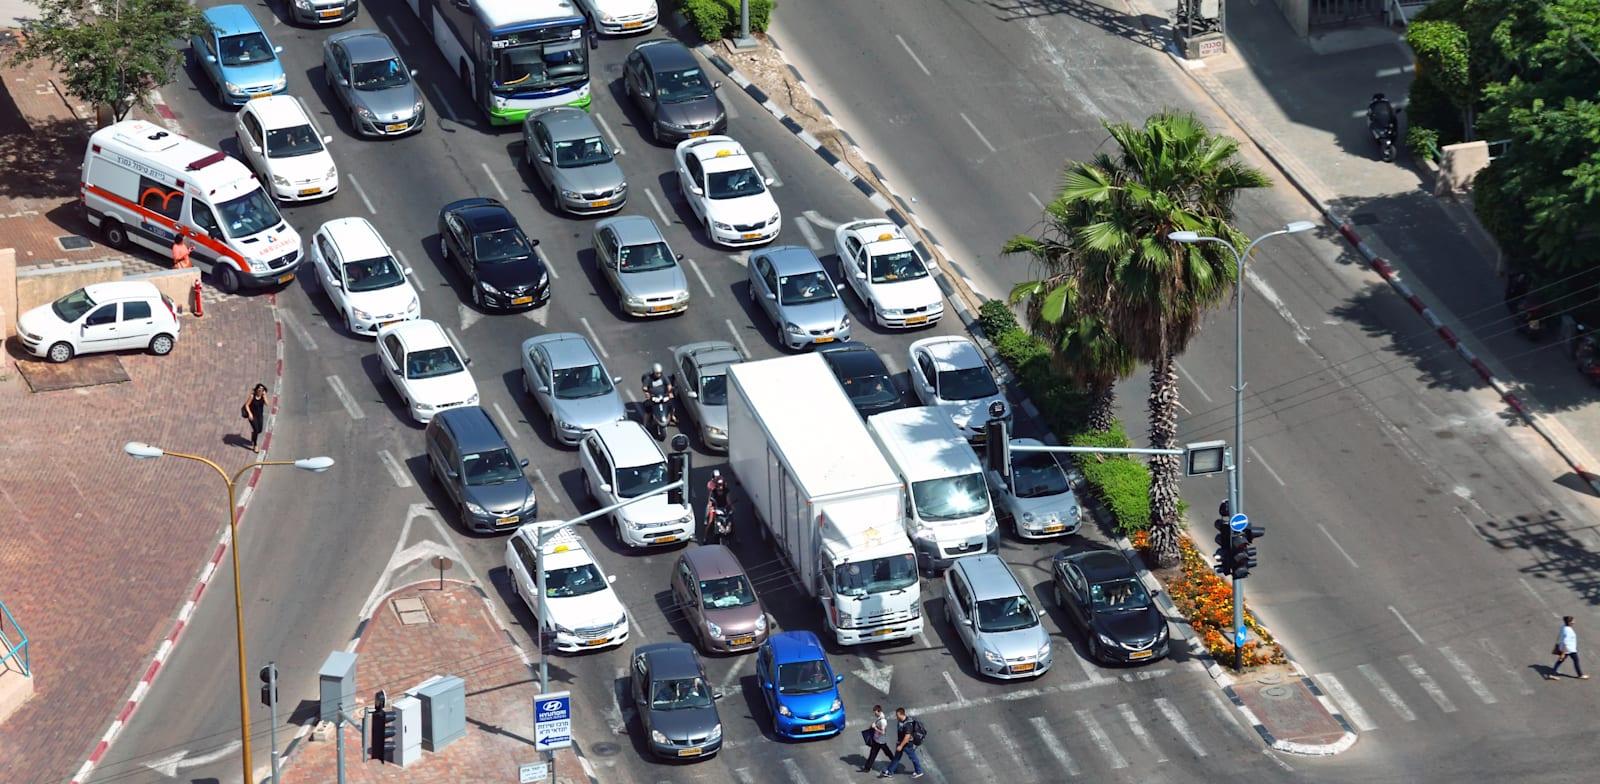 """פקק ברמזור בתל אביב. """"המתכנן קובע את הלוגיקה"""" / צילום: Shutterstock"""